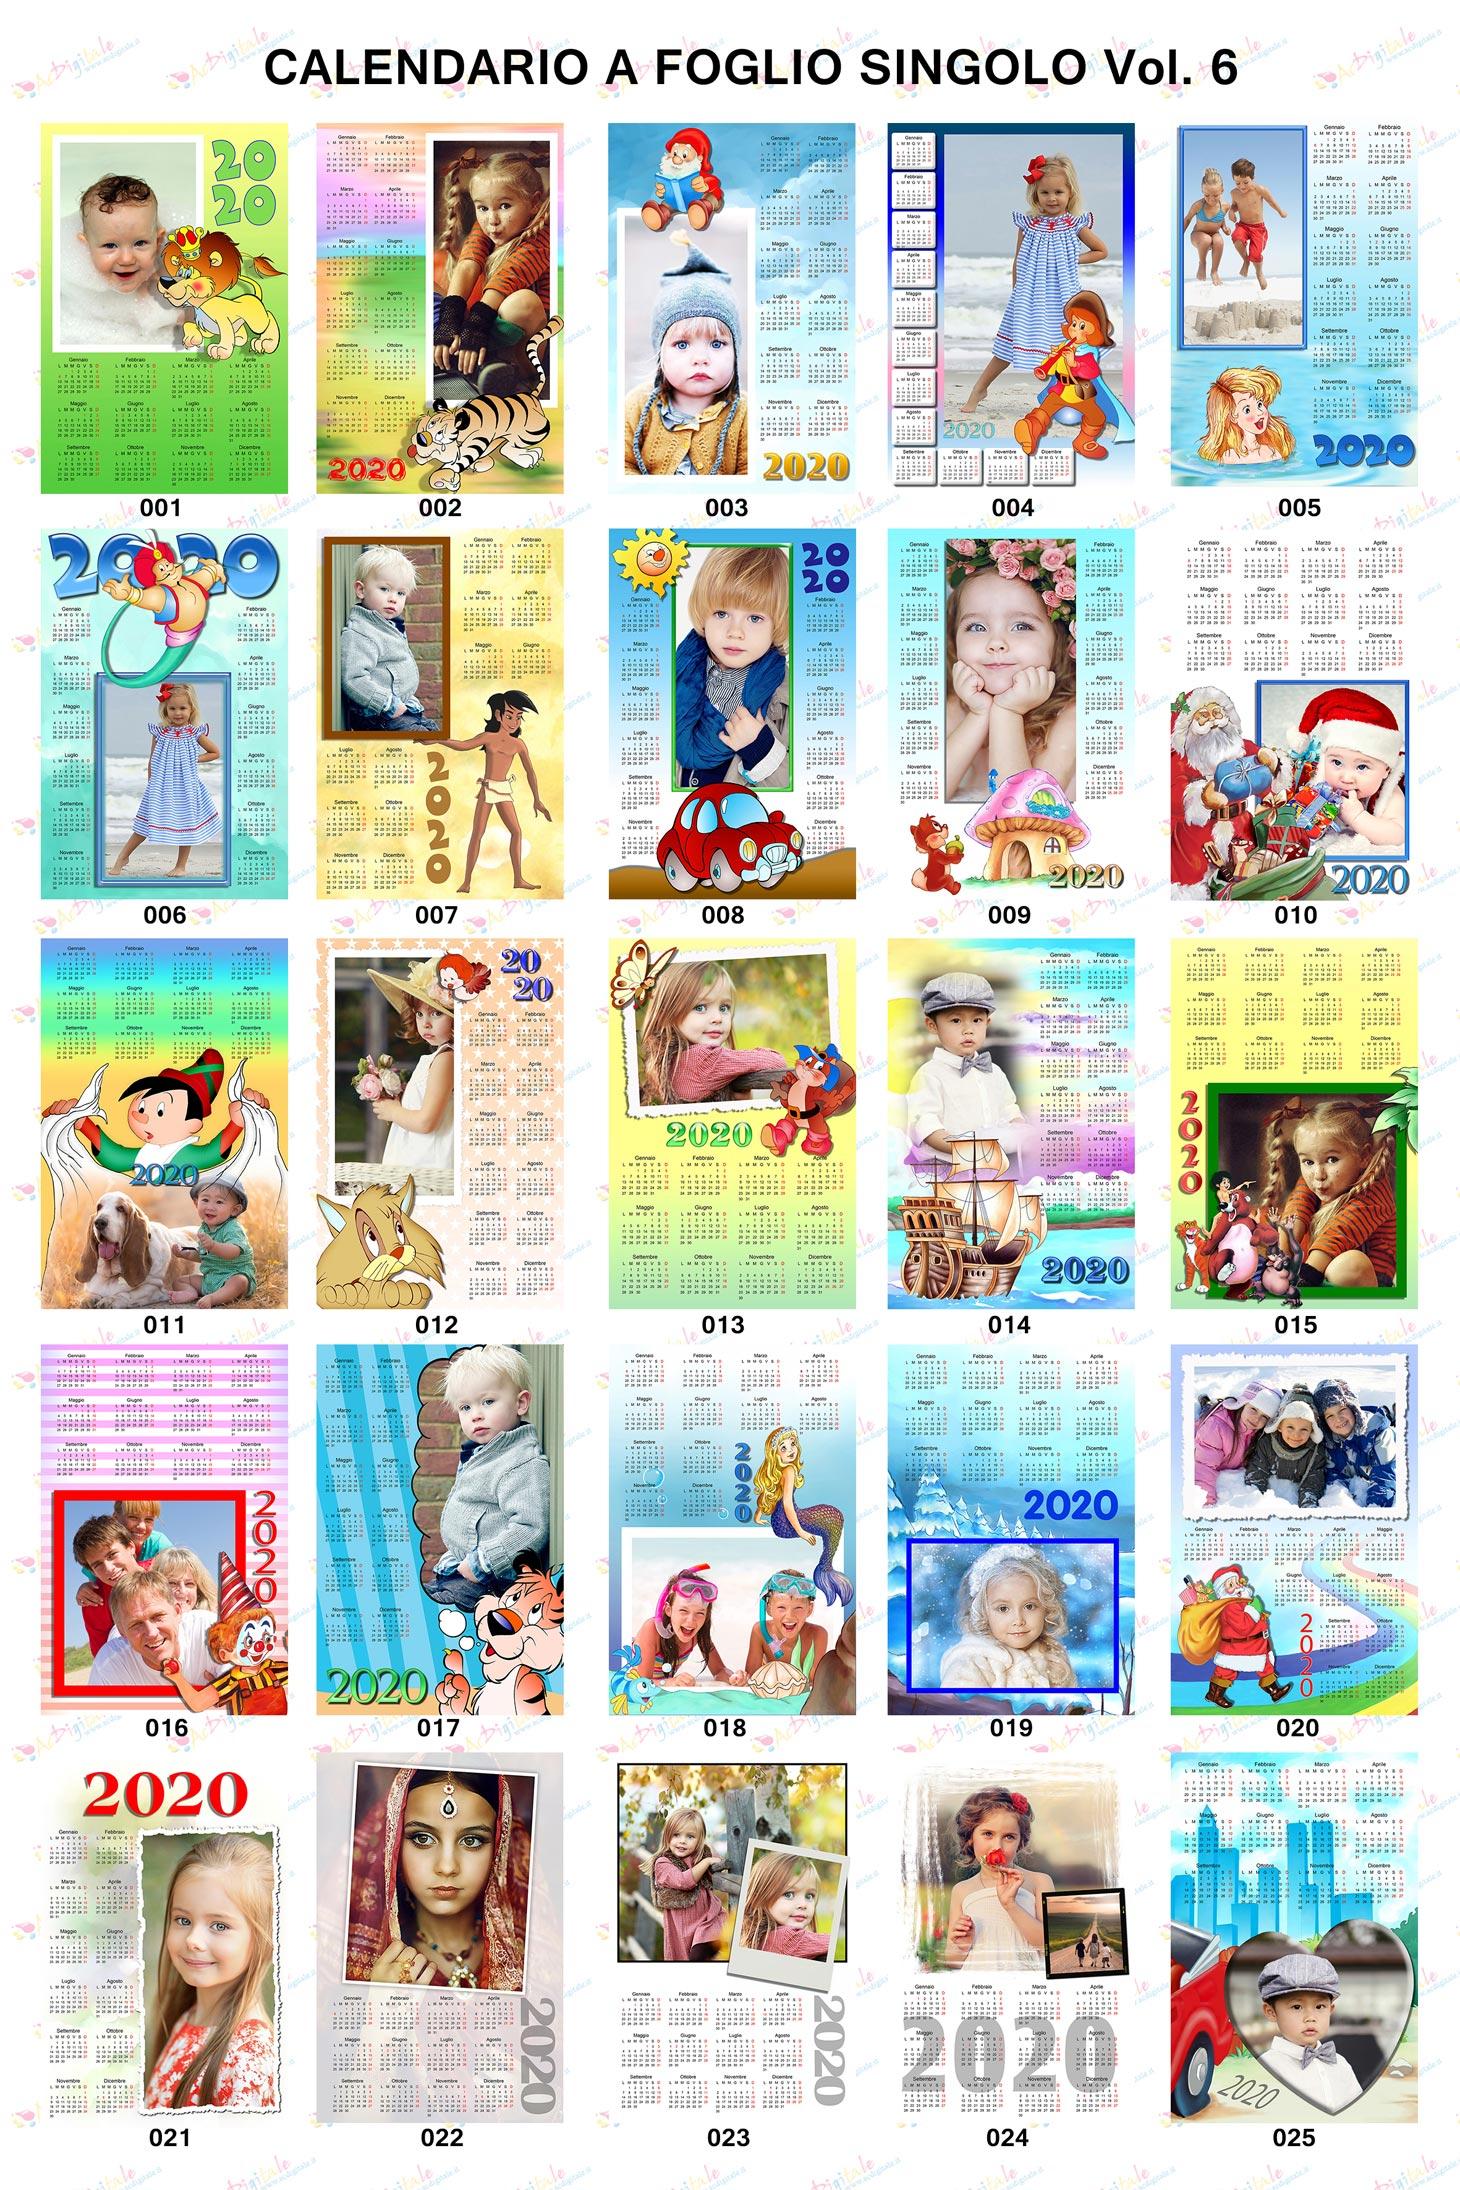 Anteprima calendari personalizzati 2020 volume 6